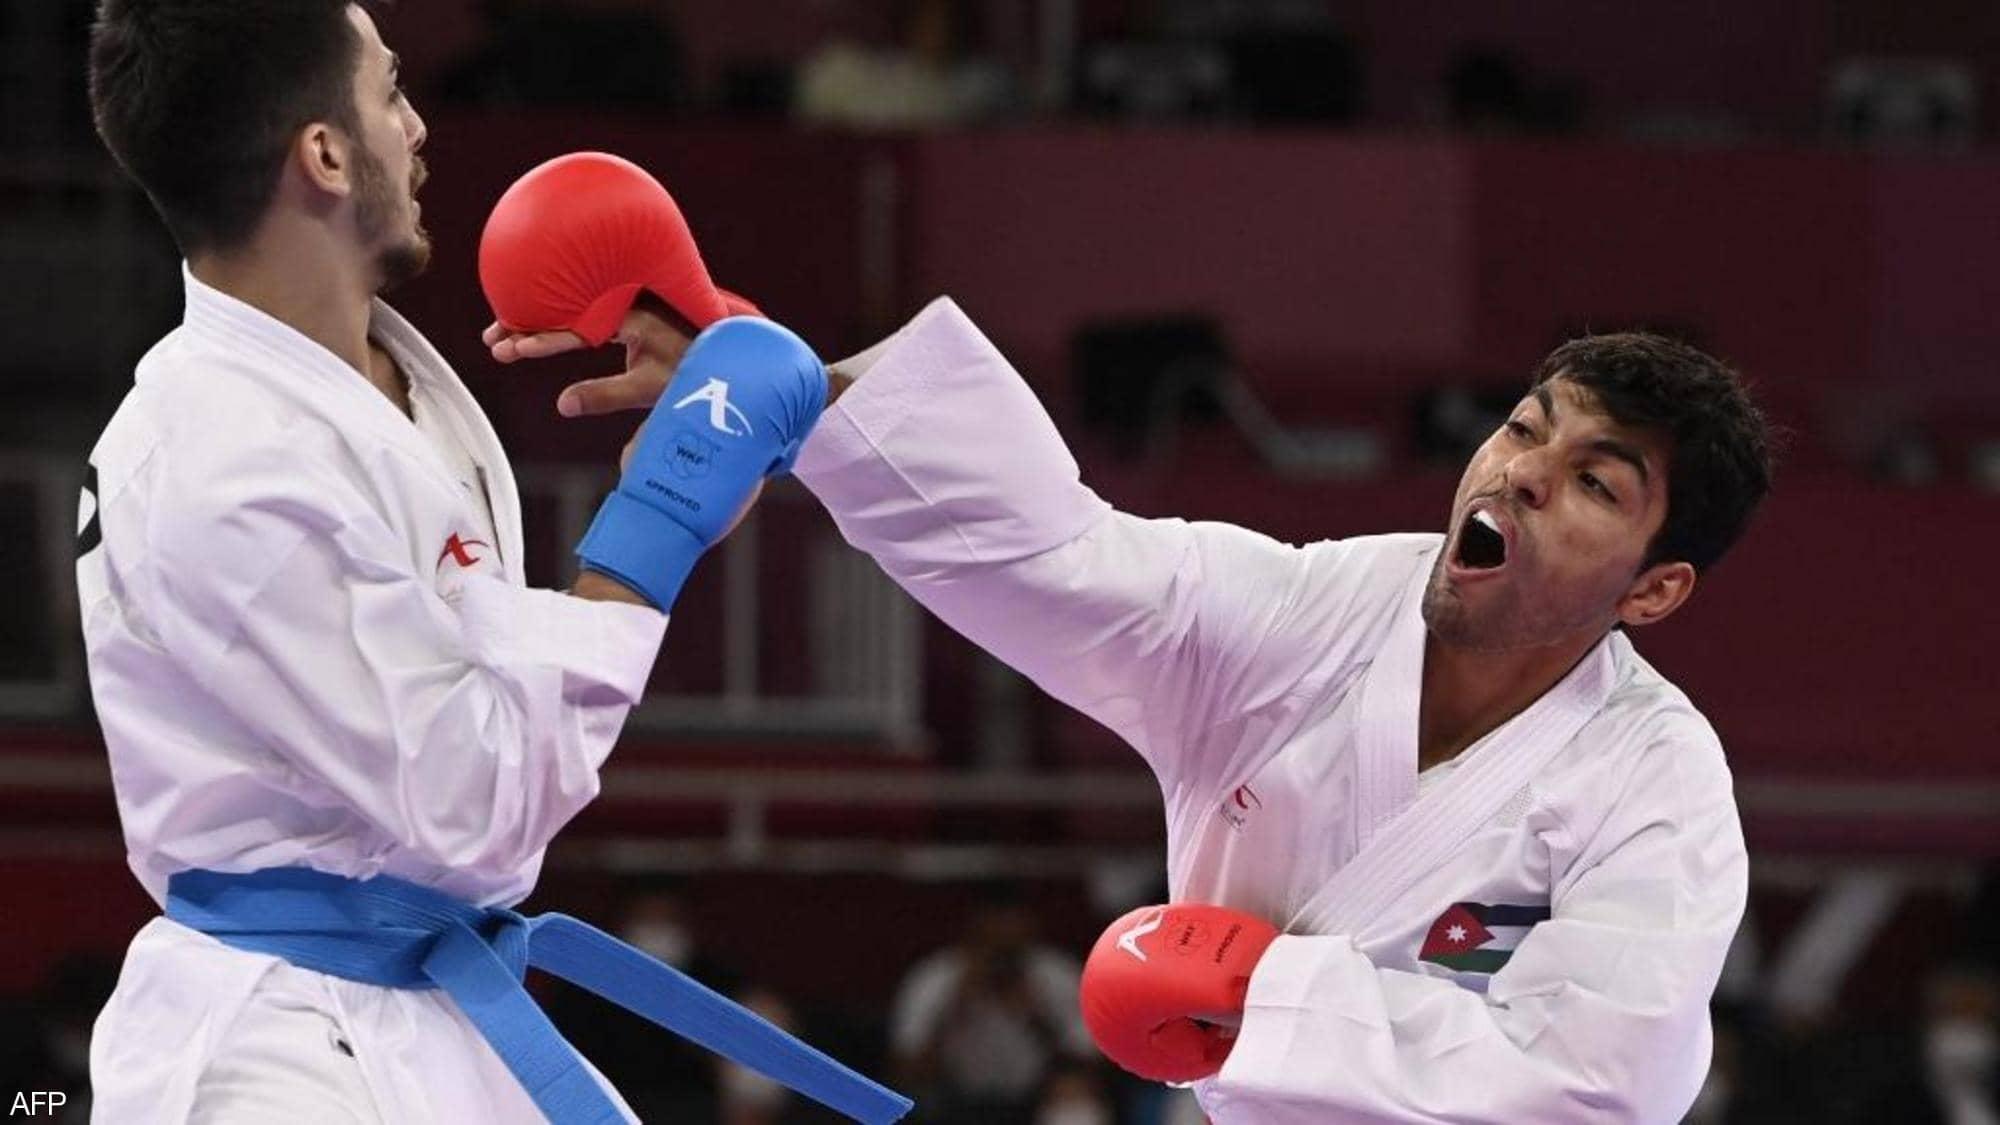 بطل أردني يضيف الميدالية رقم 12 للعرب في أولمبياد طوكيو